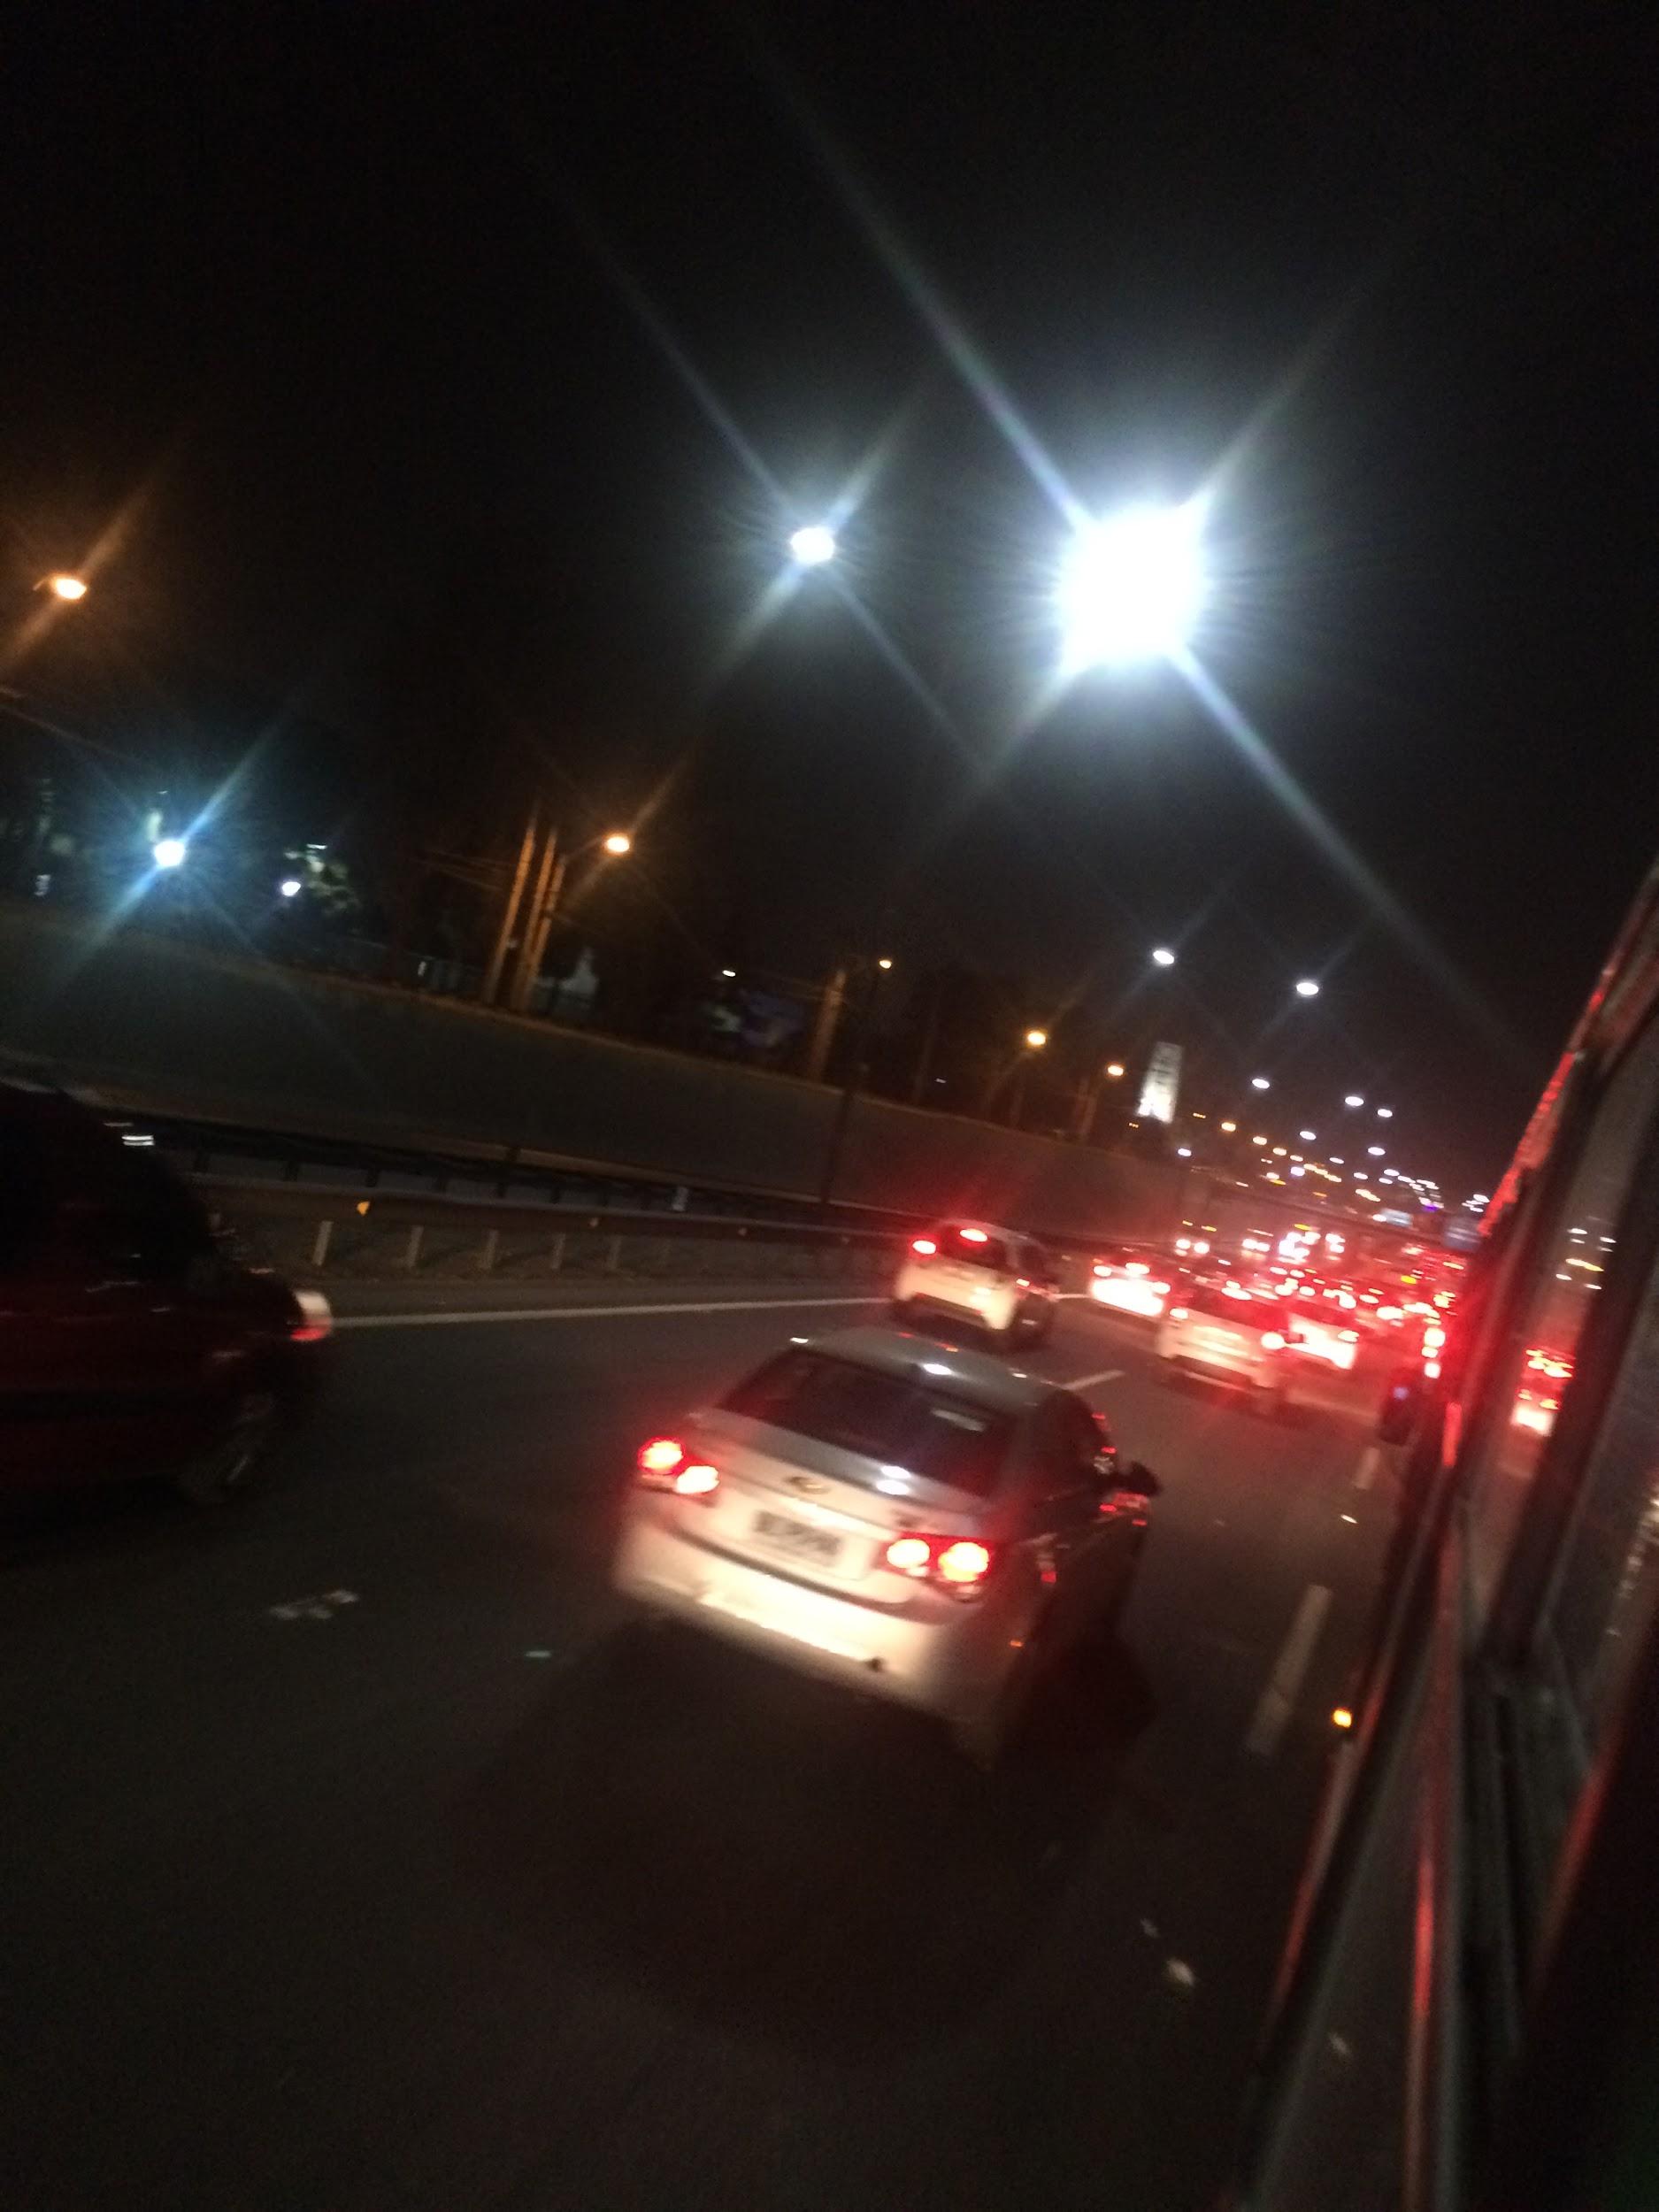 Autopista Vespucio Norte en dirección al acceso suroriente de Quilicura. 20:50 horas.